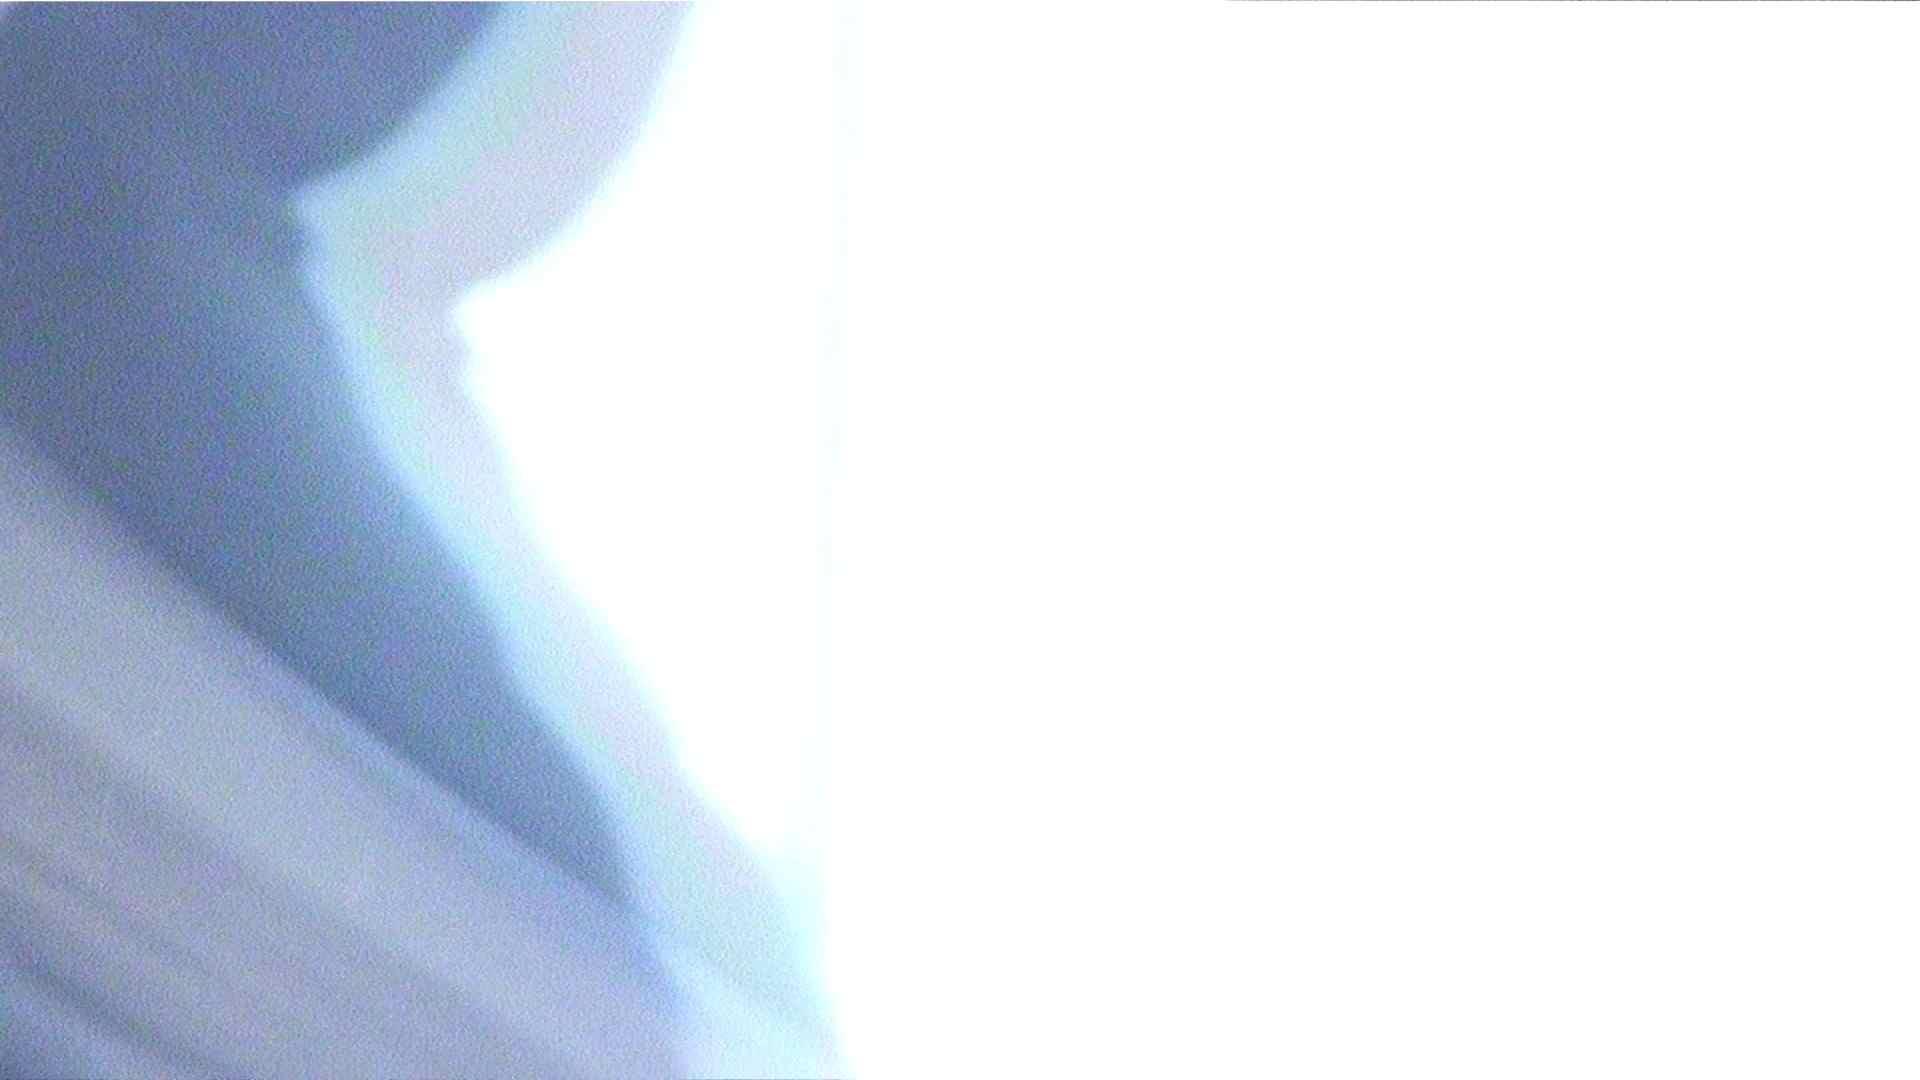 ※100個限定販売 至高下半身盗撮 プレミアム Vol.36 ハイビジョン OL | 盗撮エロすぎ  51連発 7